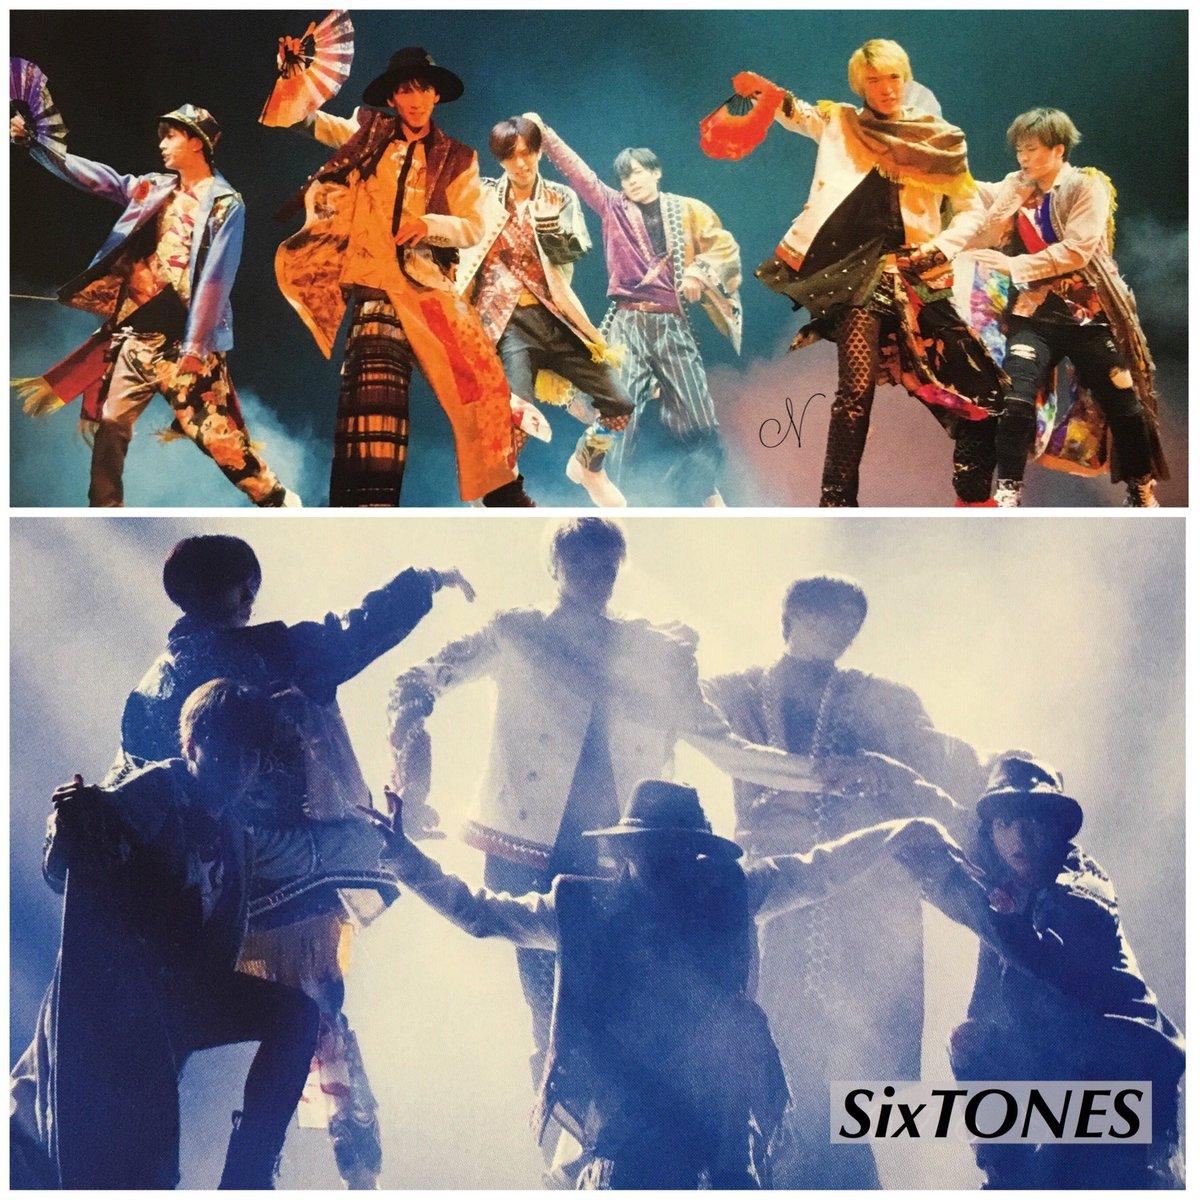 【ジャニーズJr.】SixTONESが『ジャポニカスタイル』を少クラで初披露した結果wwwww